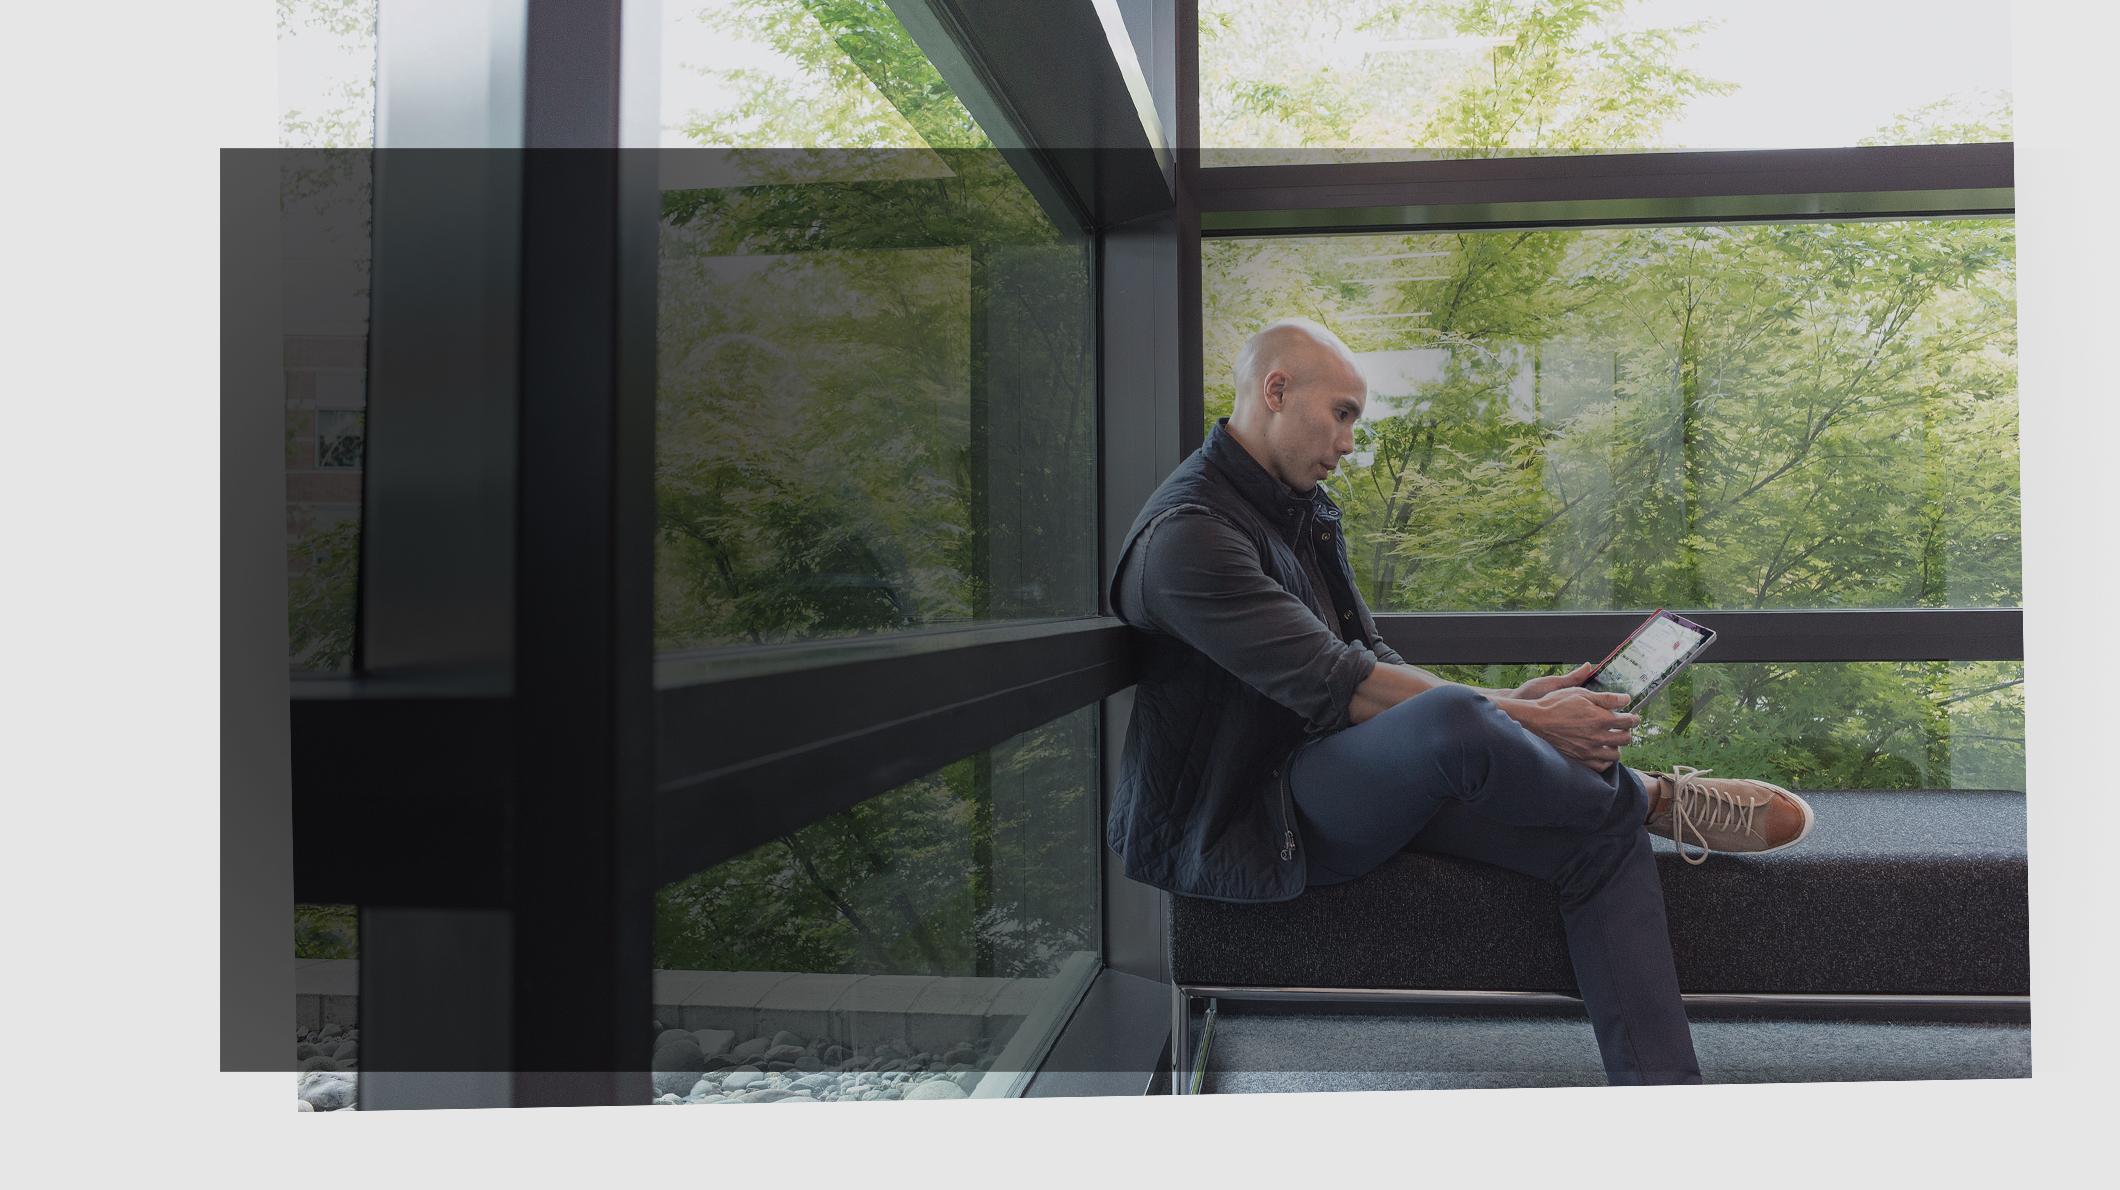 Čovjek sjedi na klupi, gleda uređaj u rukama